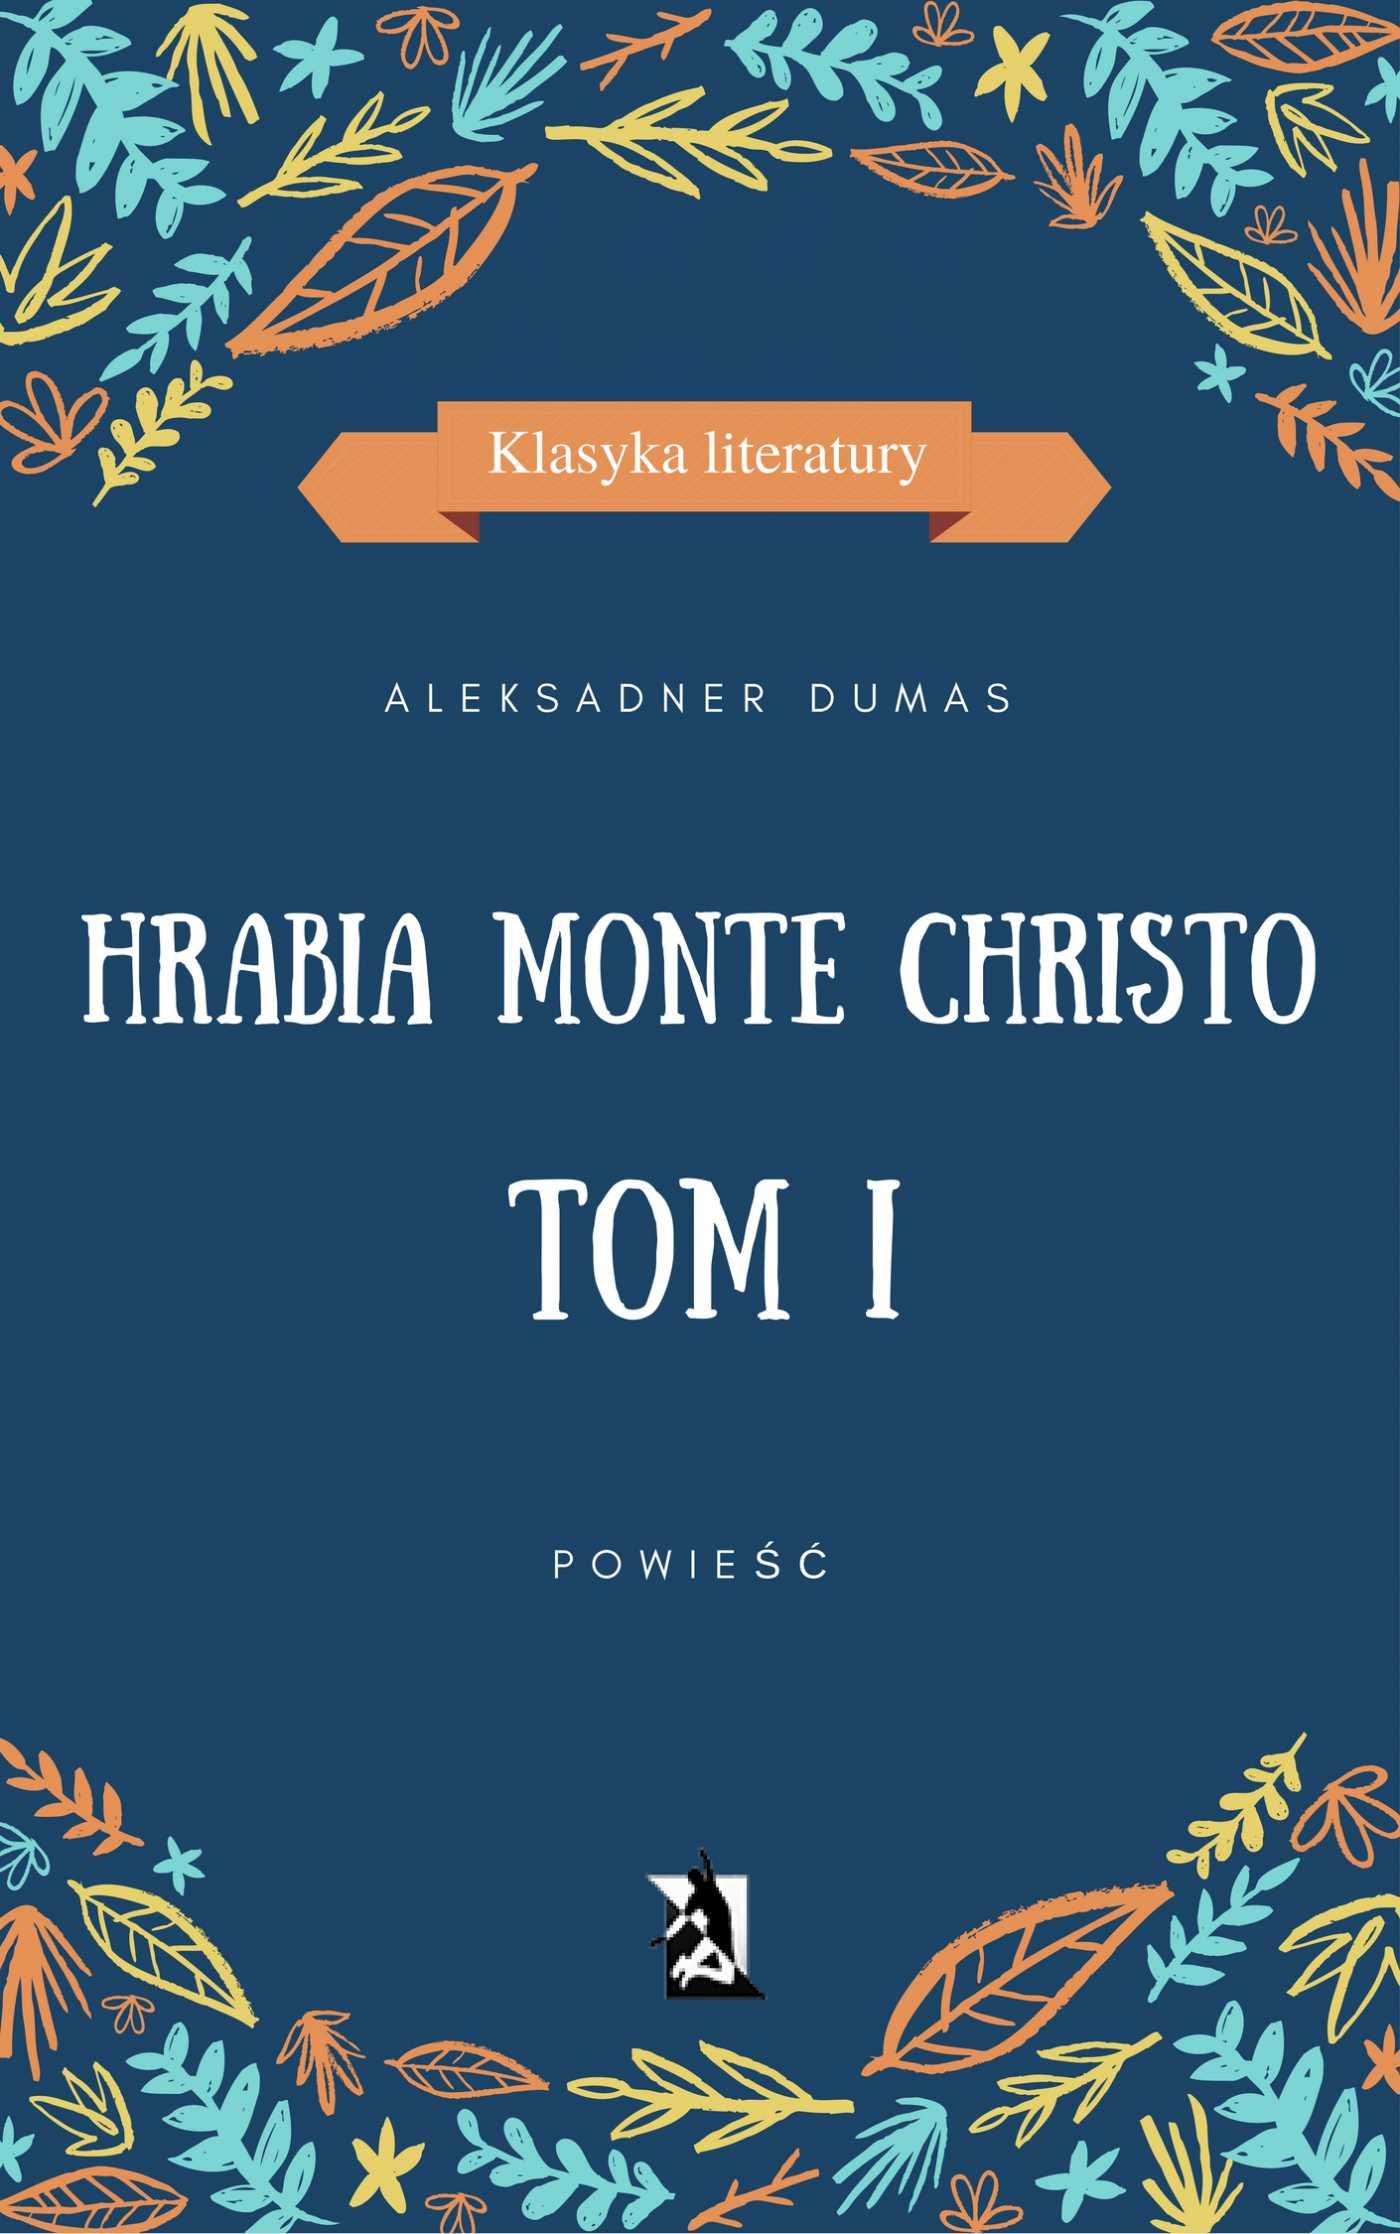 Hrabia Monte Christo. Tom I - Ebook (Książka EPUB) do pobrania w formacie EPUB